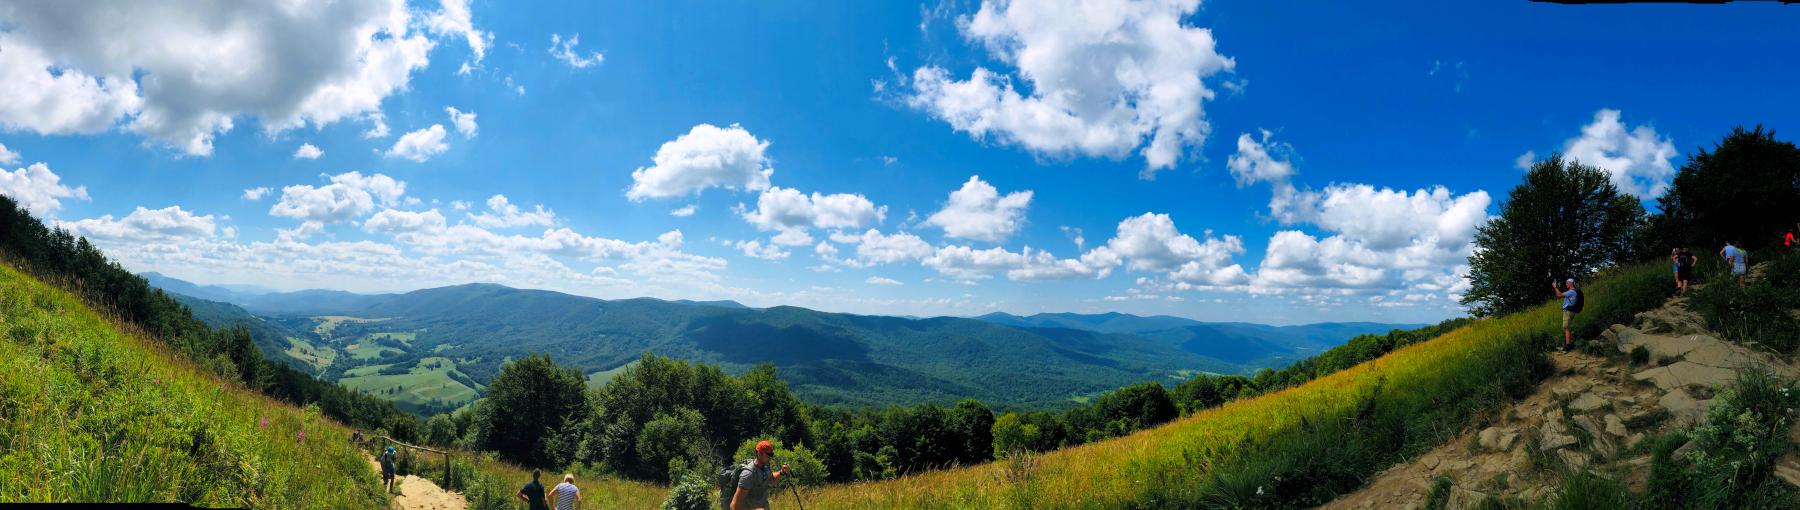 Bieszczady panorama2